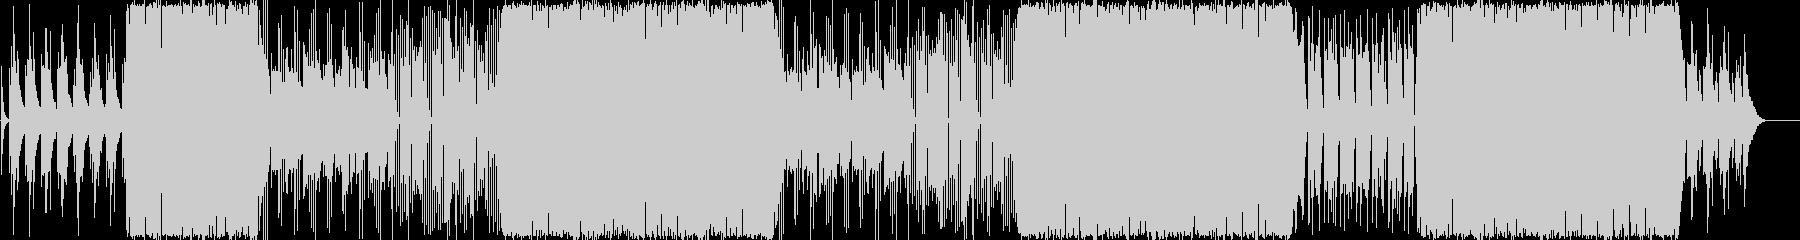 管楽器/オーケストラ/ヒップホップの未再生の波形